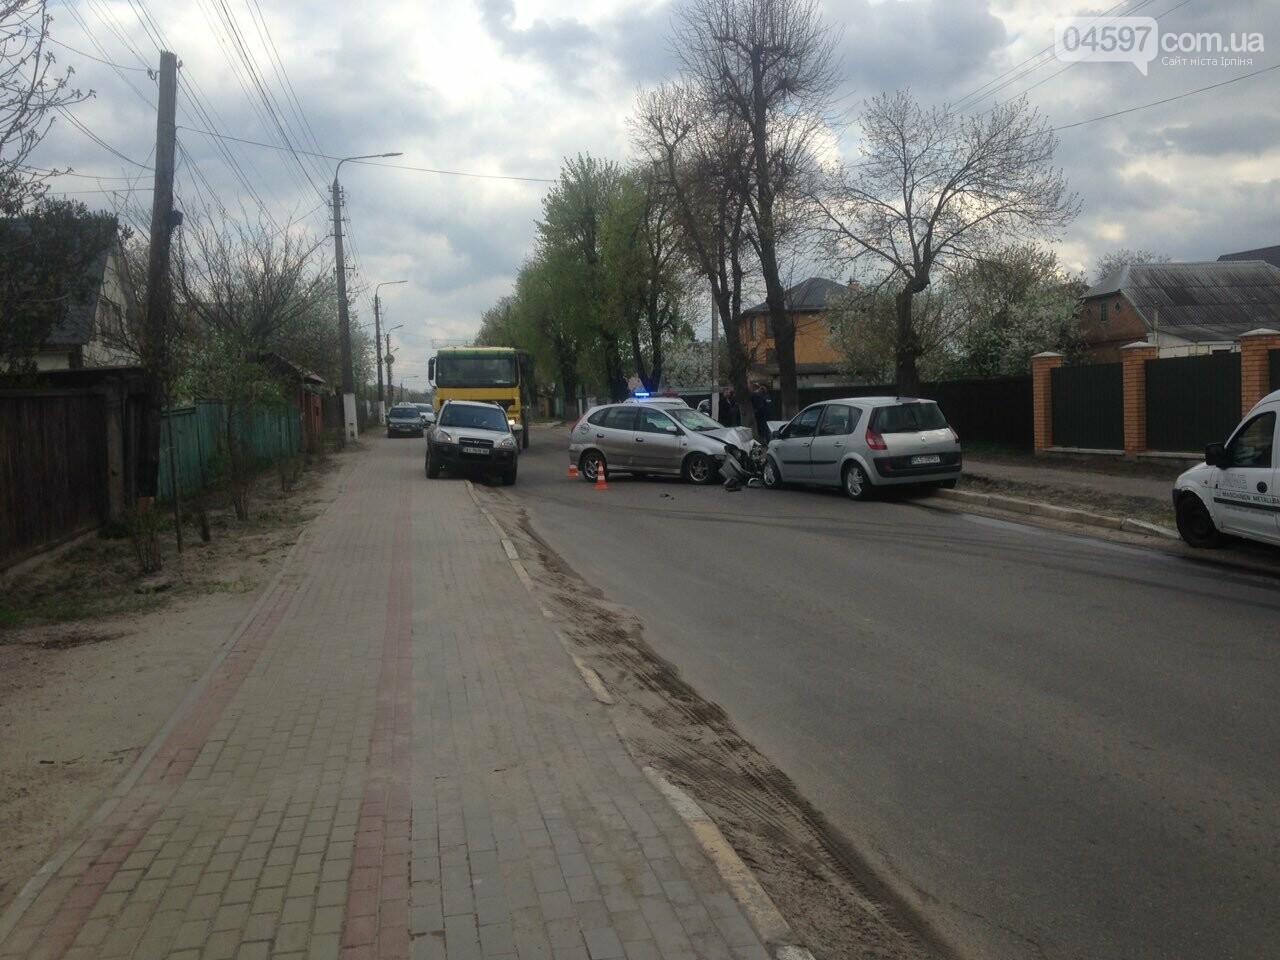 ДТП автівок на євробляхах: поліція не знає як оформити, фото-7